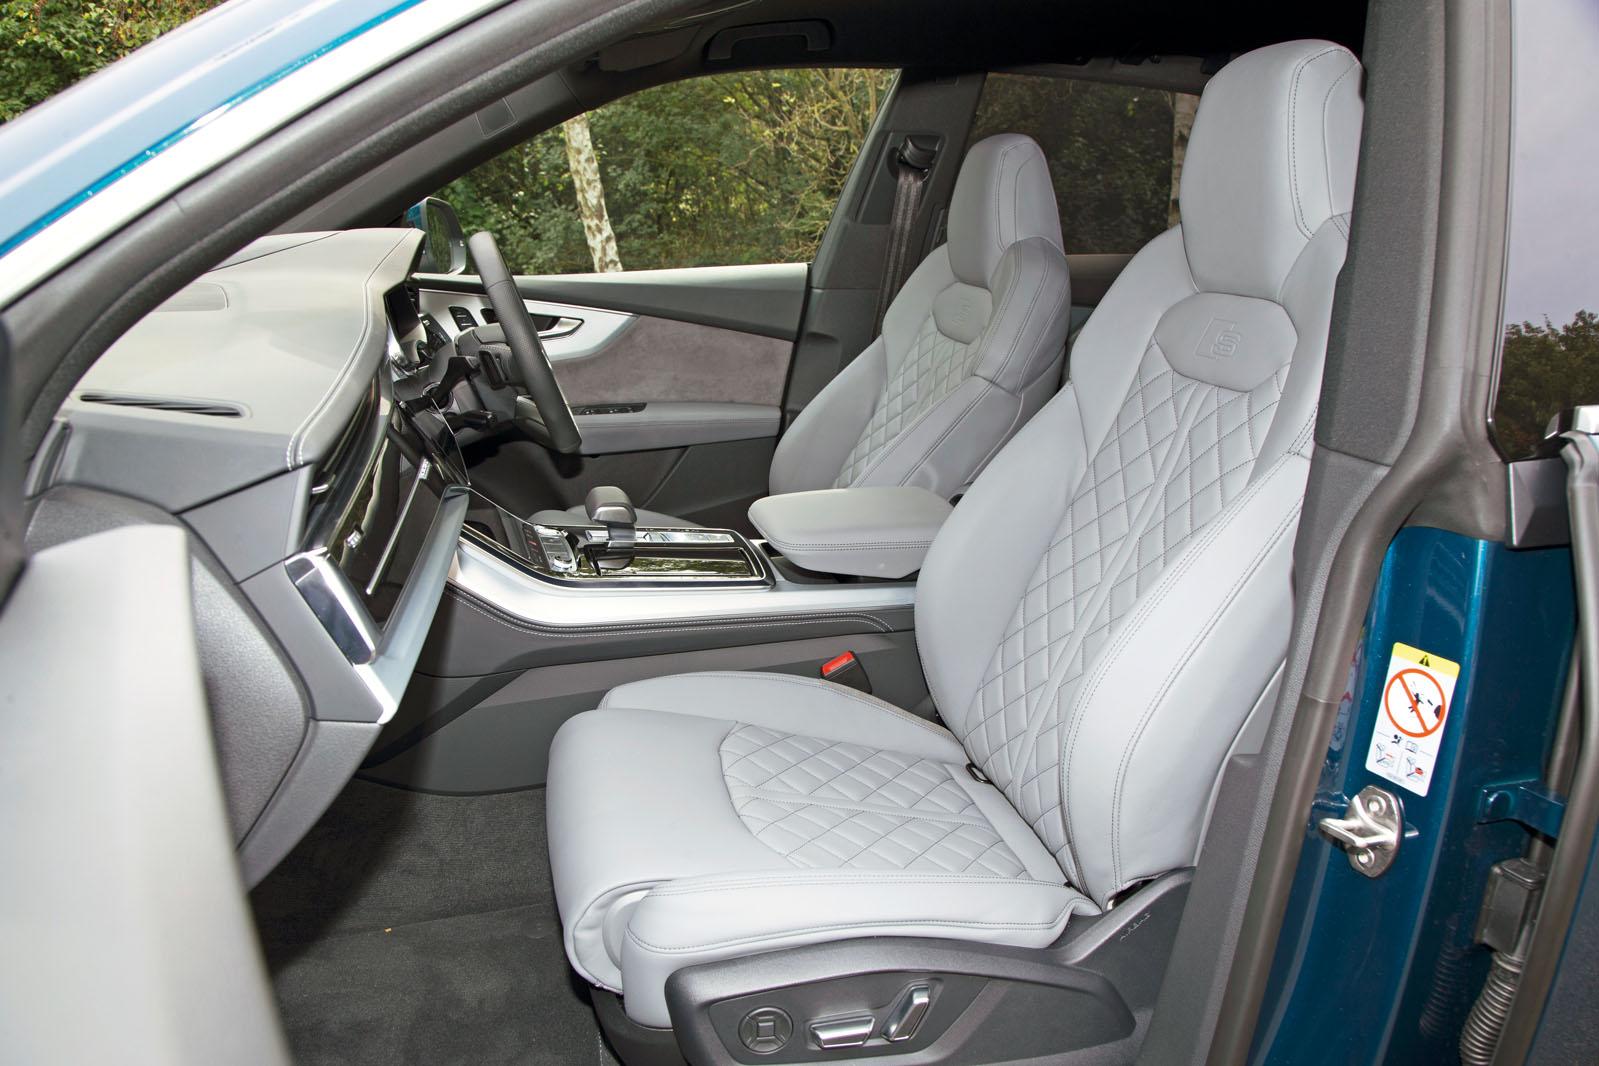 Audi Q8 Interior Autocar